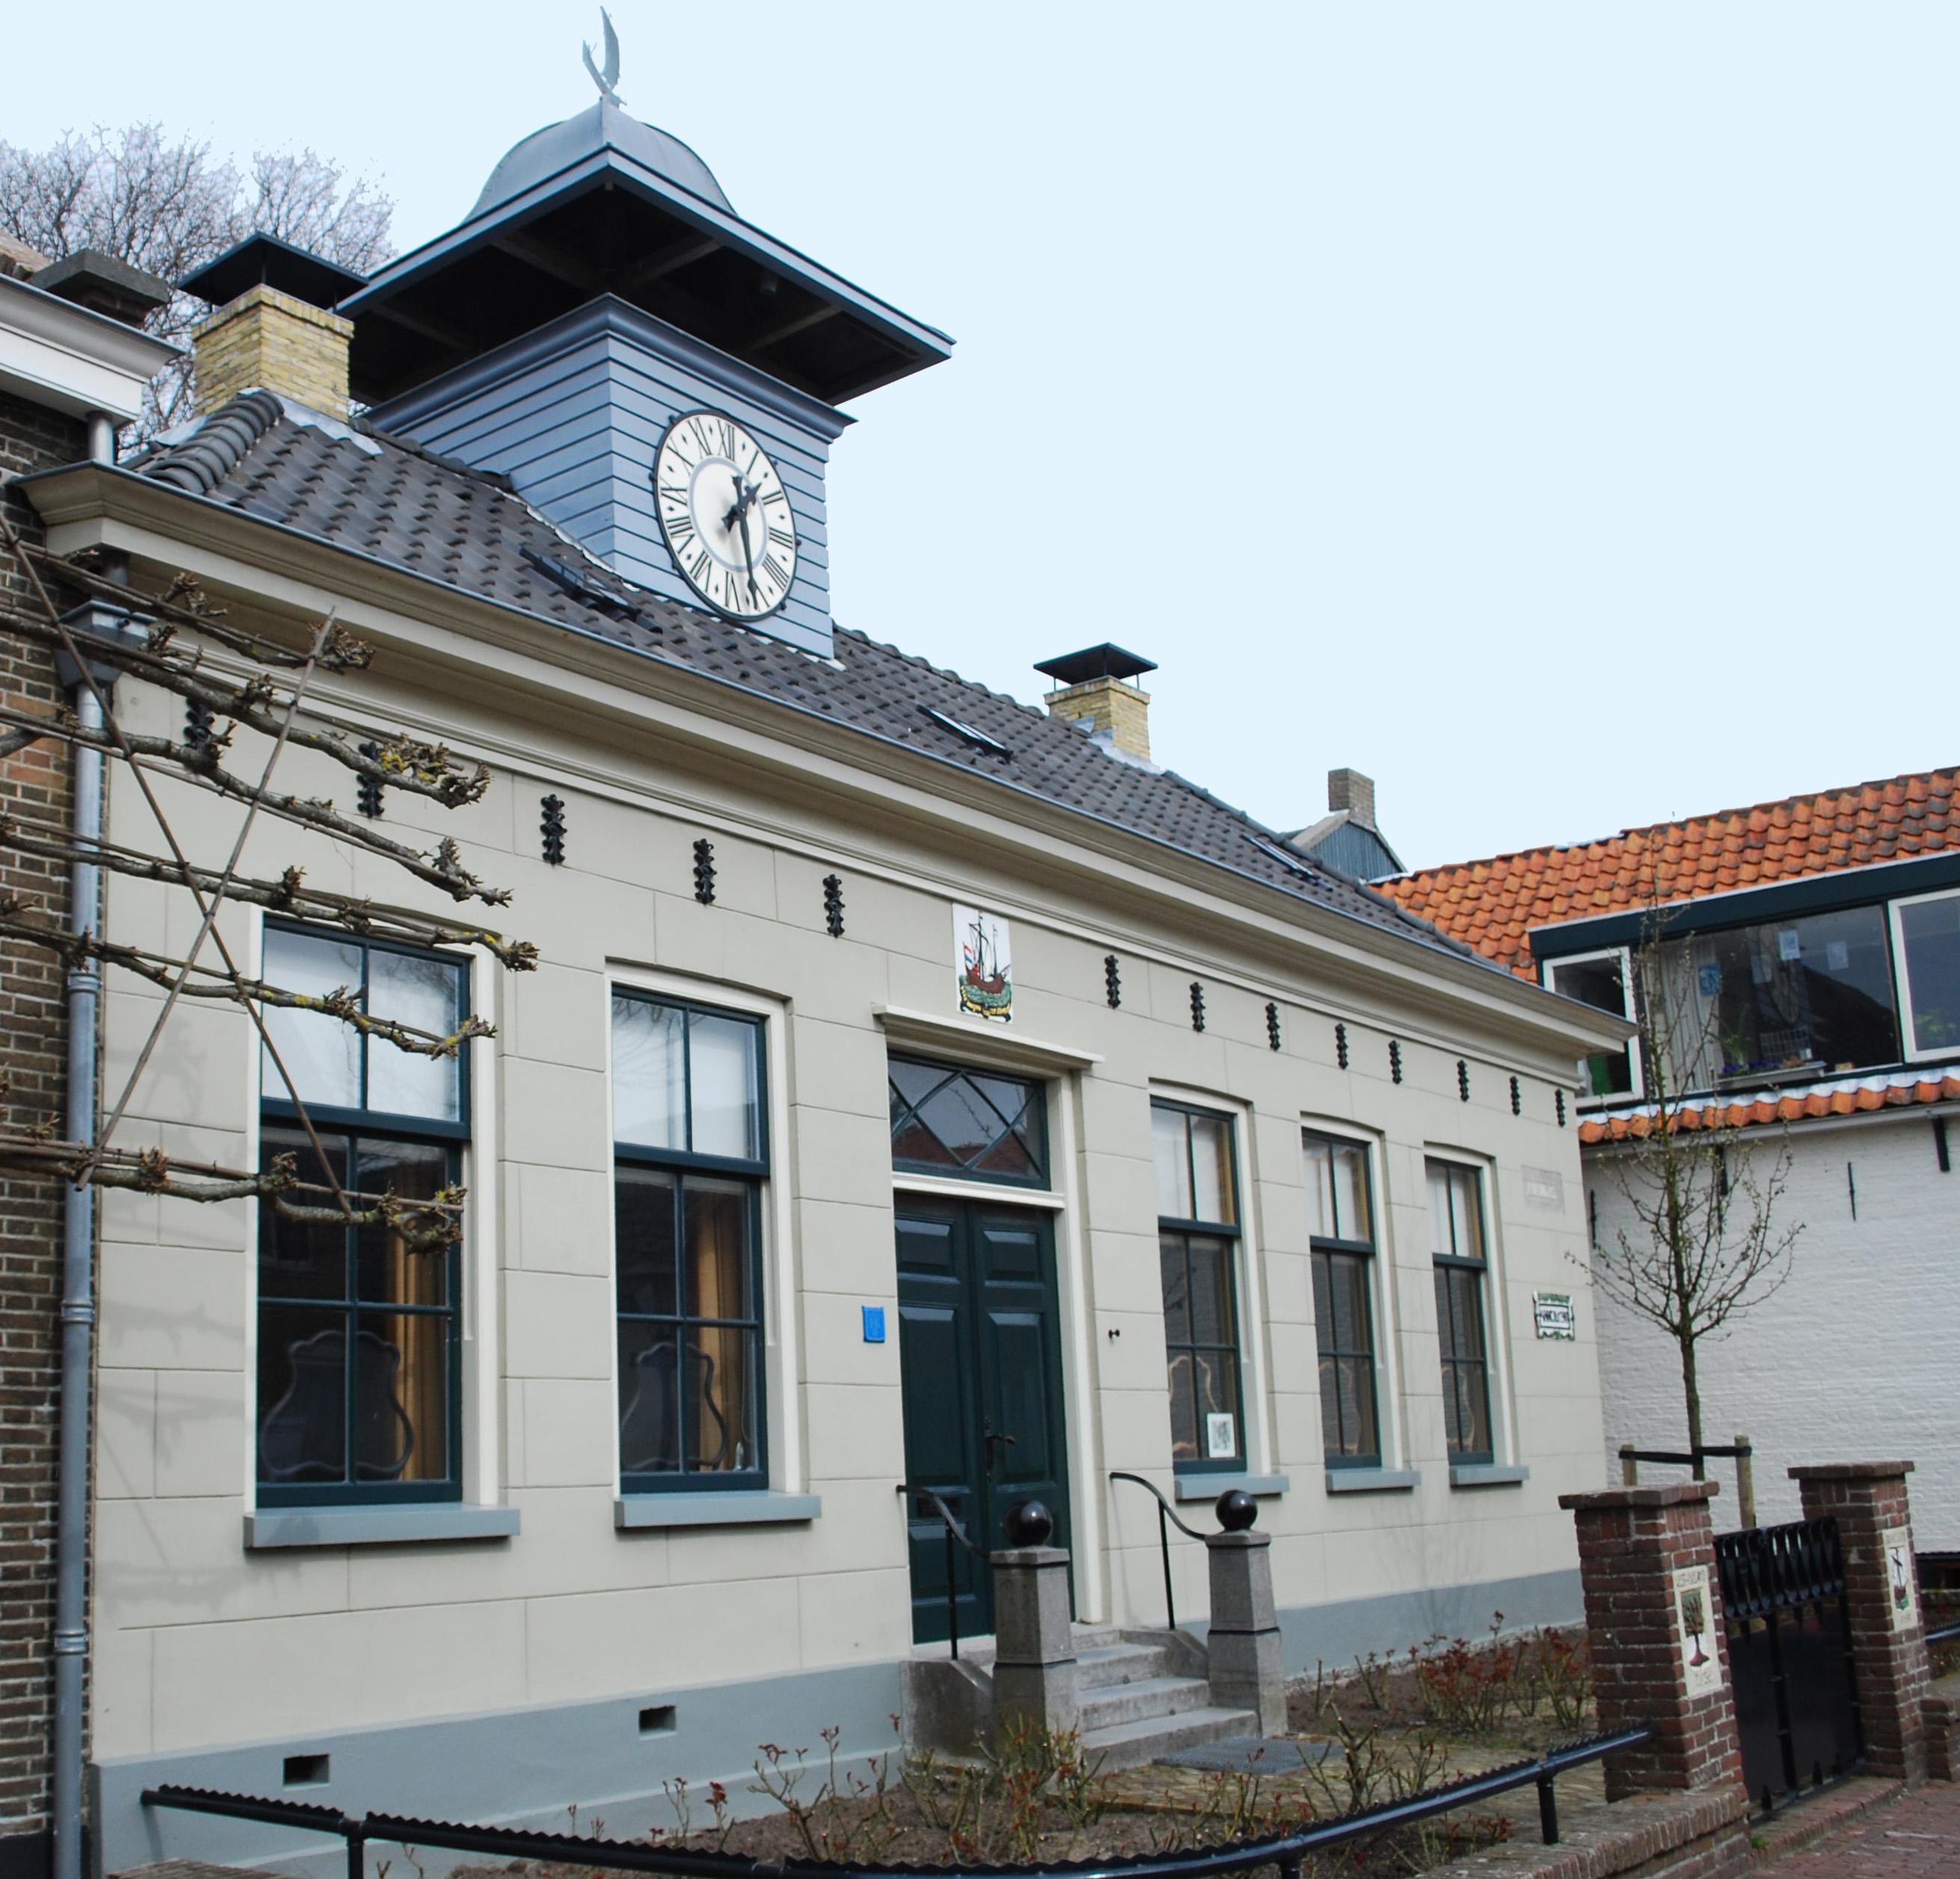 Raadhuis Van Vlieland Wikipedia